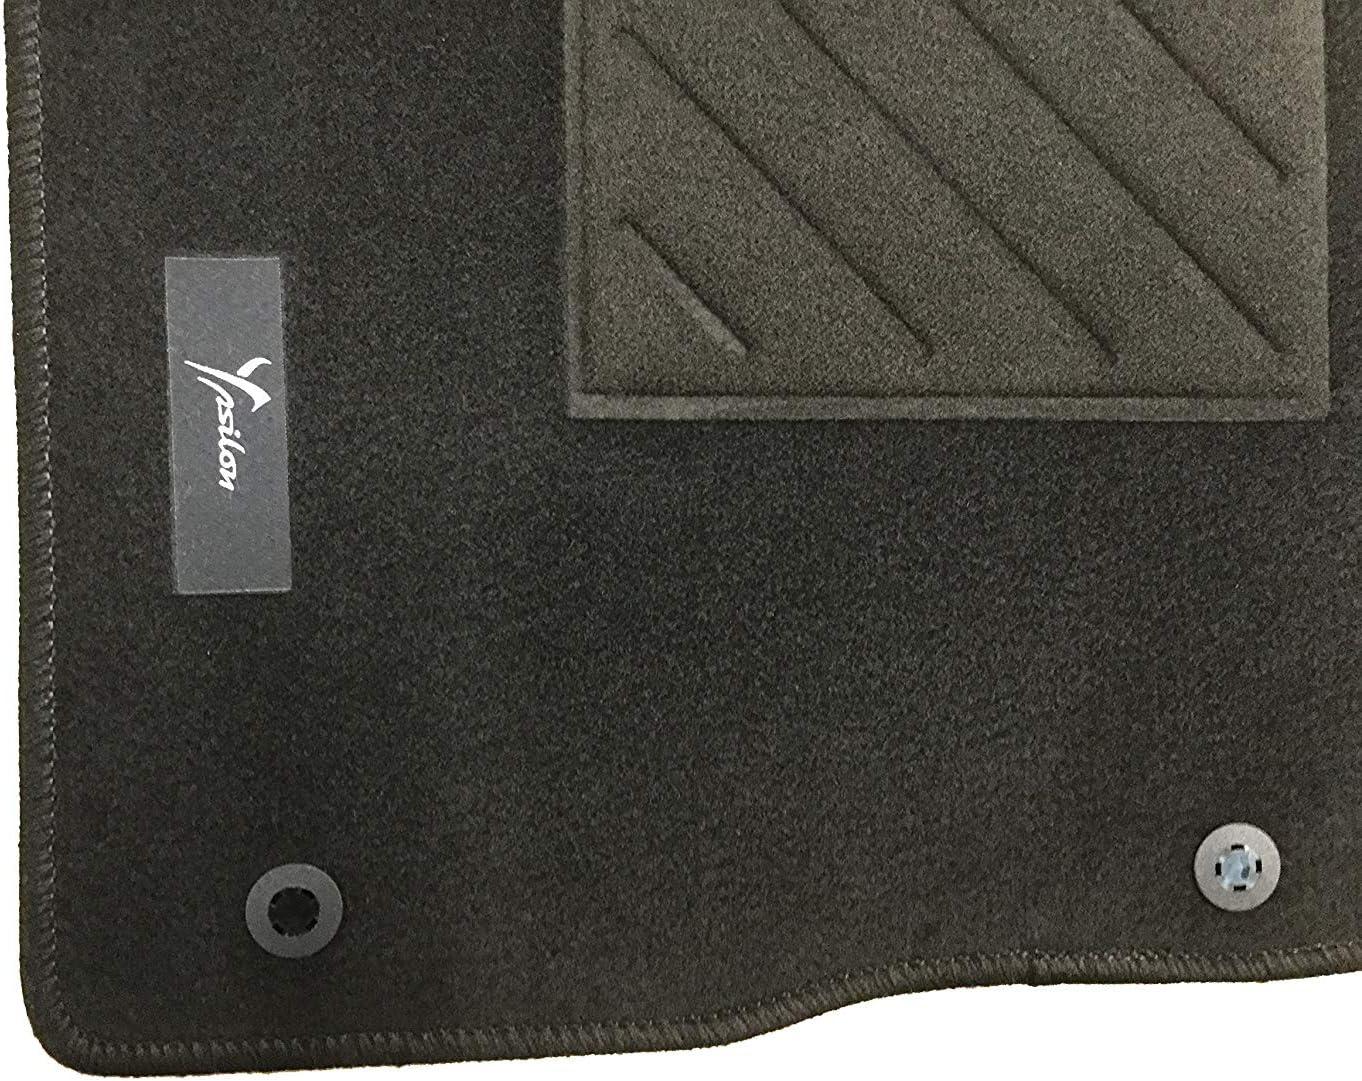 Lance Tapis en moquette noire avec logo originales New Ypsilon